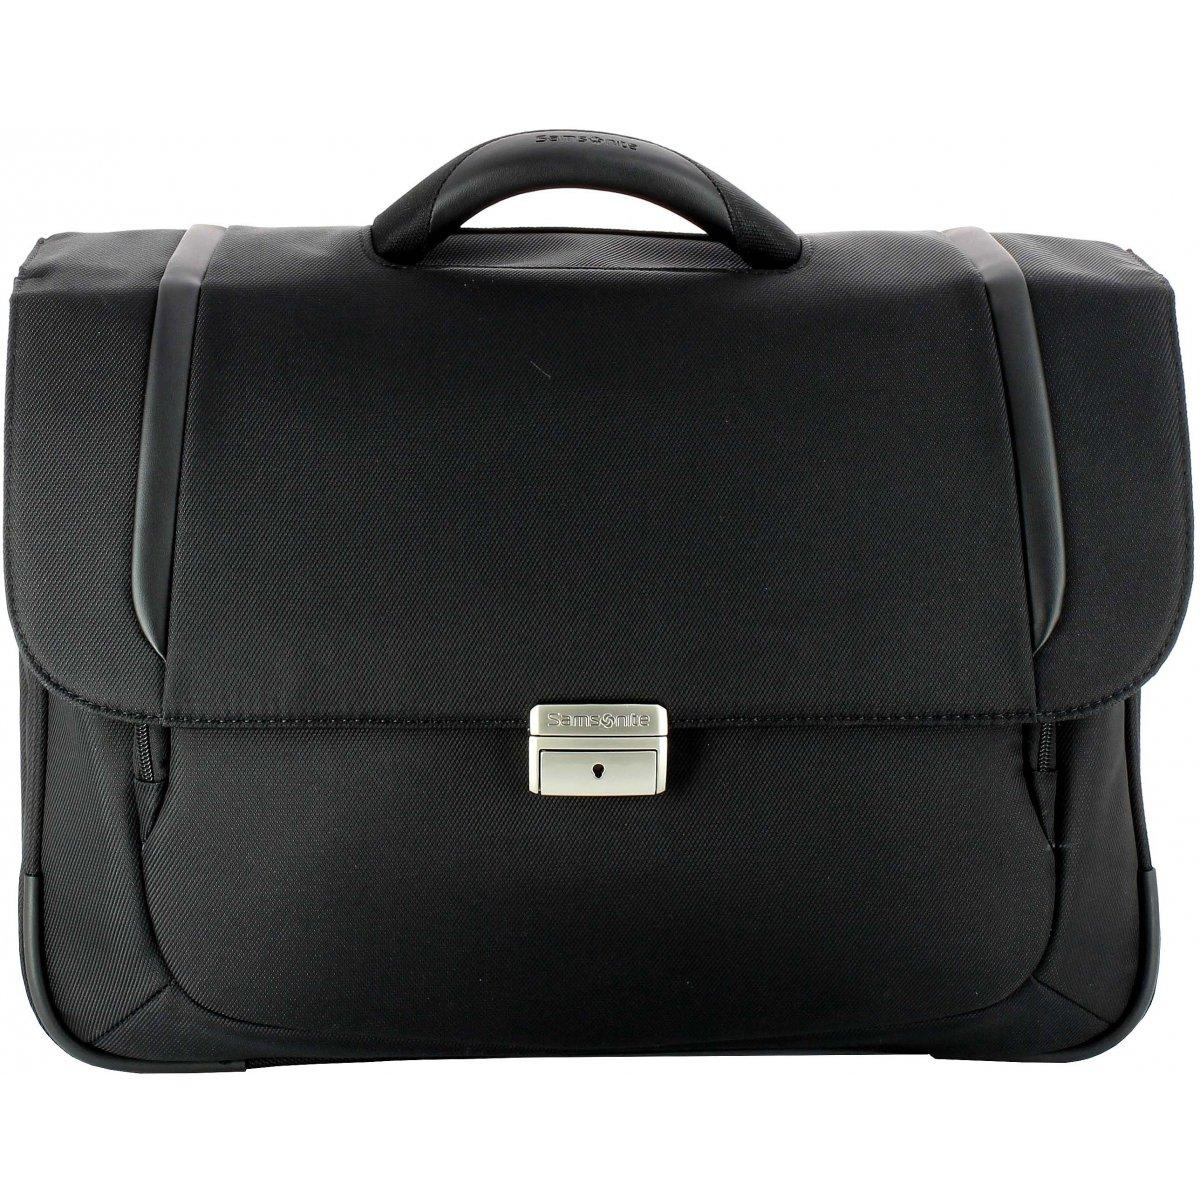 serviette porte ordinateur xblade business 2 0 samsonite. Black Bedroom Furniture Sets. Home Design Ideas